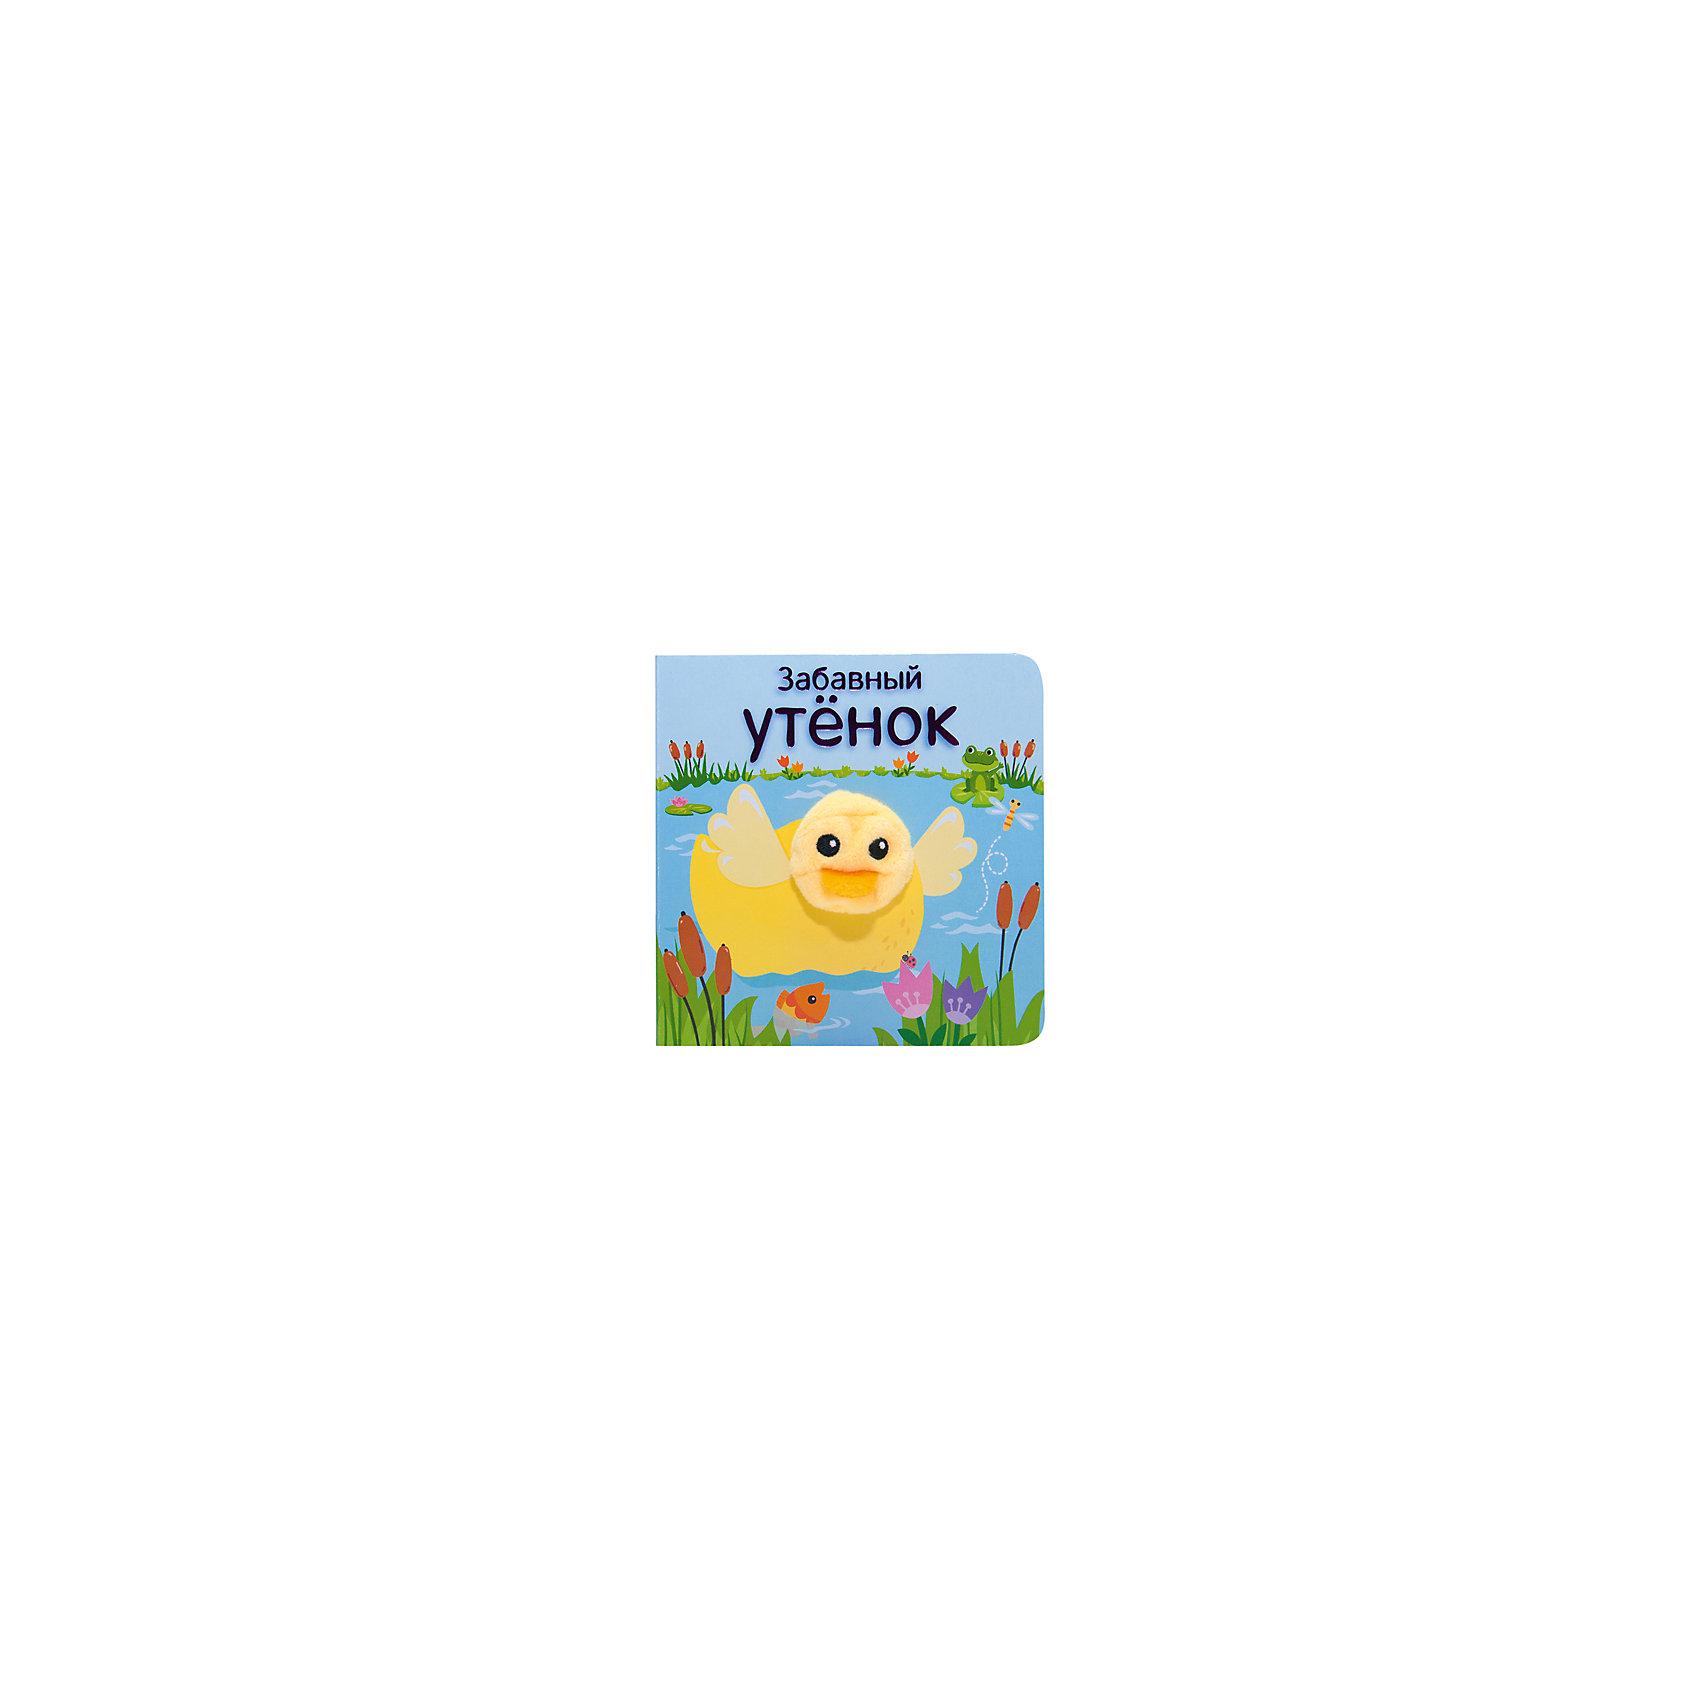 Книжки с пальчиковыми куклами Забавный утёнок, Мозаика-СинтезПервые книги малыша<br>Книжки с пальчиковыми куклами Забавный утёнок, Мозаика-Синтез<br><br>Характеристики:<br><br>• Возраст: до 3 лет<br>• Обложка: твердая<br>• Страниц: 12<br>• Автор: О. Мазалева<br>• Размер книги: 12.5 х 12.5 см.<br>• ISBN: 978-5-43151-022-9<br>• Формат: мини<br><br>Эта удивительная книга подарит вашему ребенку много часов счастливой игры и поможет развить воображение. В комплекте с книгой идет не только пальчиковая игрушка утенок, но и множество стихов и описания приключений героя, которые подарят вам возможность увлечь малыша рассказом, помочь ему в развитии фантазии и дать поиграть с милой игрушкой. Книга имеет закругленные края и изготовлена на плотном картоне, чтобы быть абсолютно безопасной для вашего малыша.<br><br>Книжки с пальчиковыми куклами Забавный утёнок, Мозаика-Синтез можно купить в нашем интернет-магазине.<br><br>Ширина мм: 125<br>Глубина мм: 125<br>Высота мм: 17<br>Вес г: 0<br>Возраст от месяцев: 12<br>Возраст до месяцев: 36<br>Пол: Унисекс<br>Возраст: Детский<br>SKU: 5441682